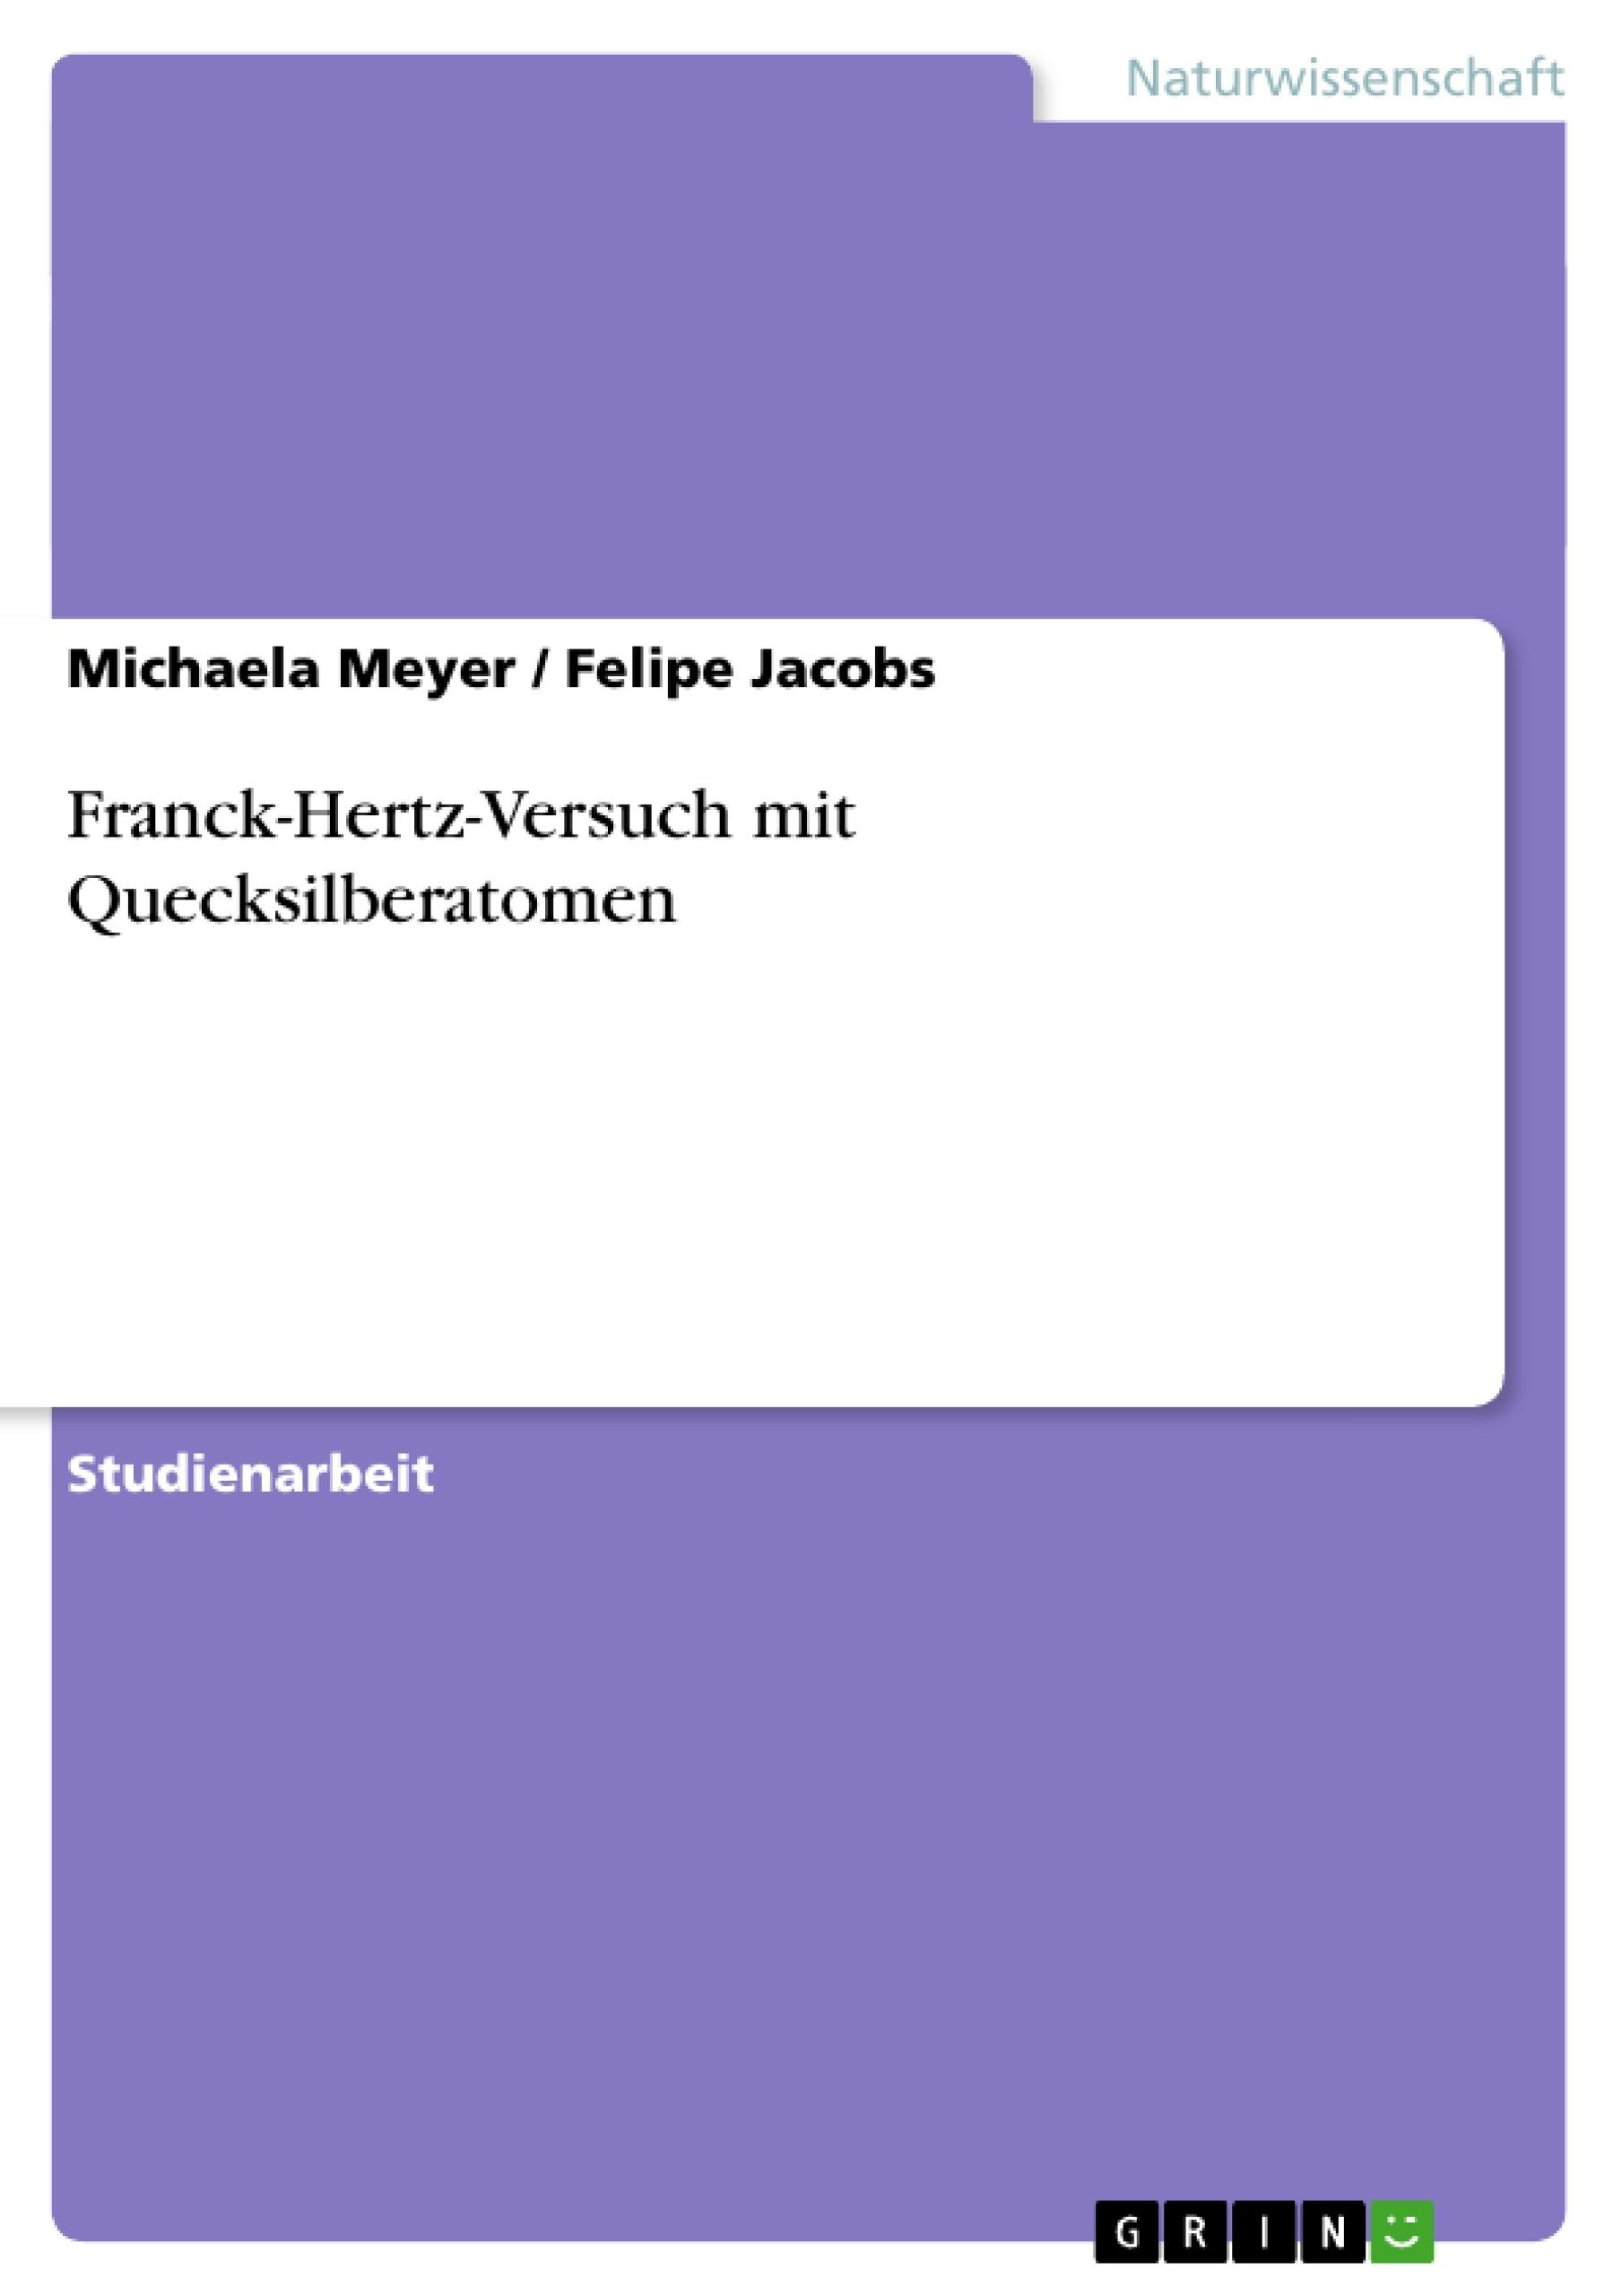 Titel: Franck-Hertz-Versuch mit Quecksilberatomen